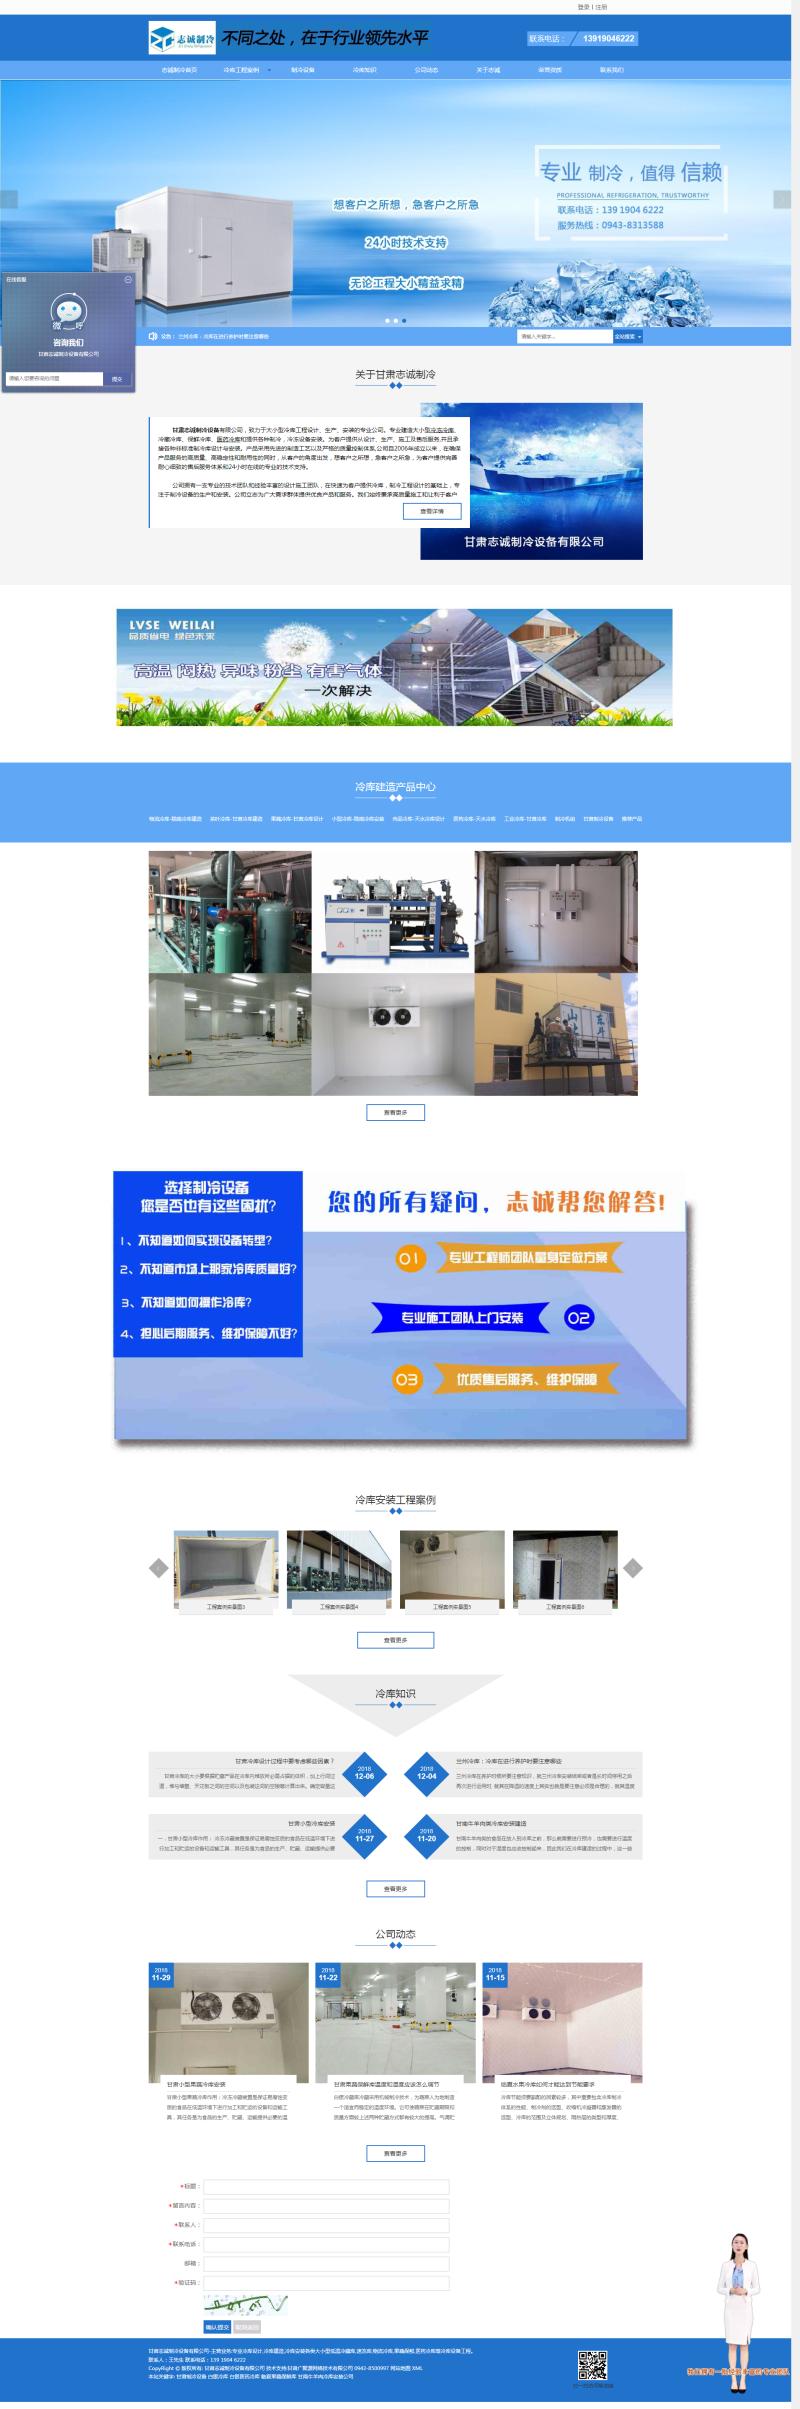 甘肃志诚制冷设备有限公司.png